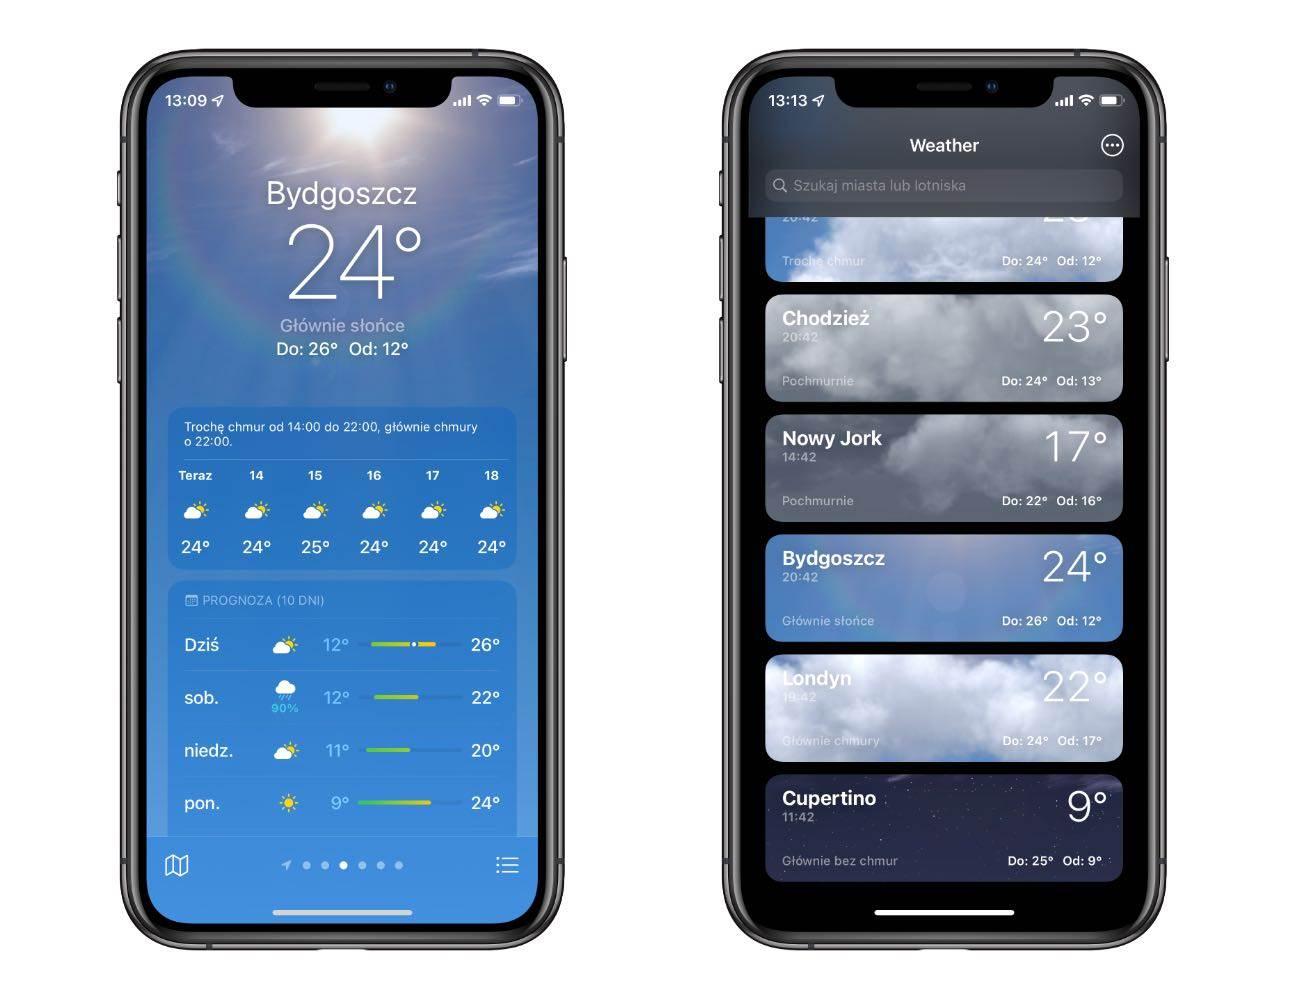 Jak zmieniła się systemowa aplikacja Pogoda w iOS 15 polecane, ciekawostki pogoda, iPadOS 15, iOS 15, aplikacja Pgoda  Na otwarciu WWDC więcej uwagi poświęcono aplikacji Pogoda niż np. tvOS. Jedna z systemowych aplikacji iOS przez całą minutę była w centrum uwagi wielomilionowej publiczności. iOS15 pogoda 1